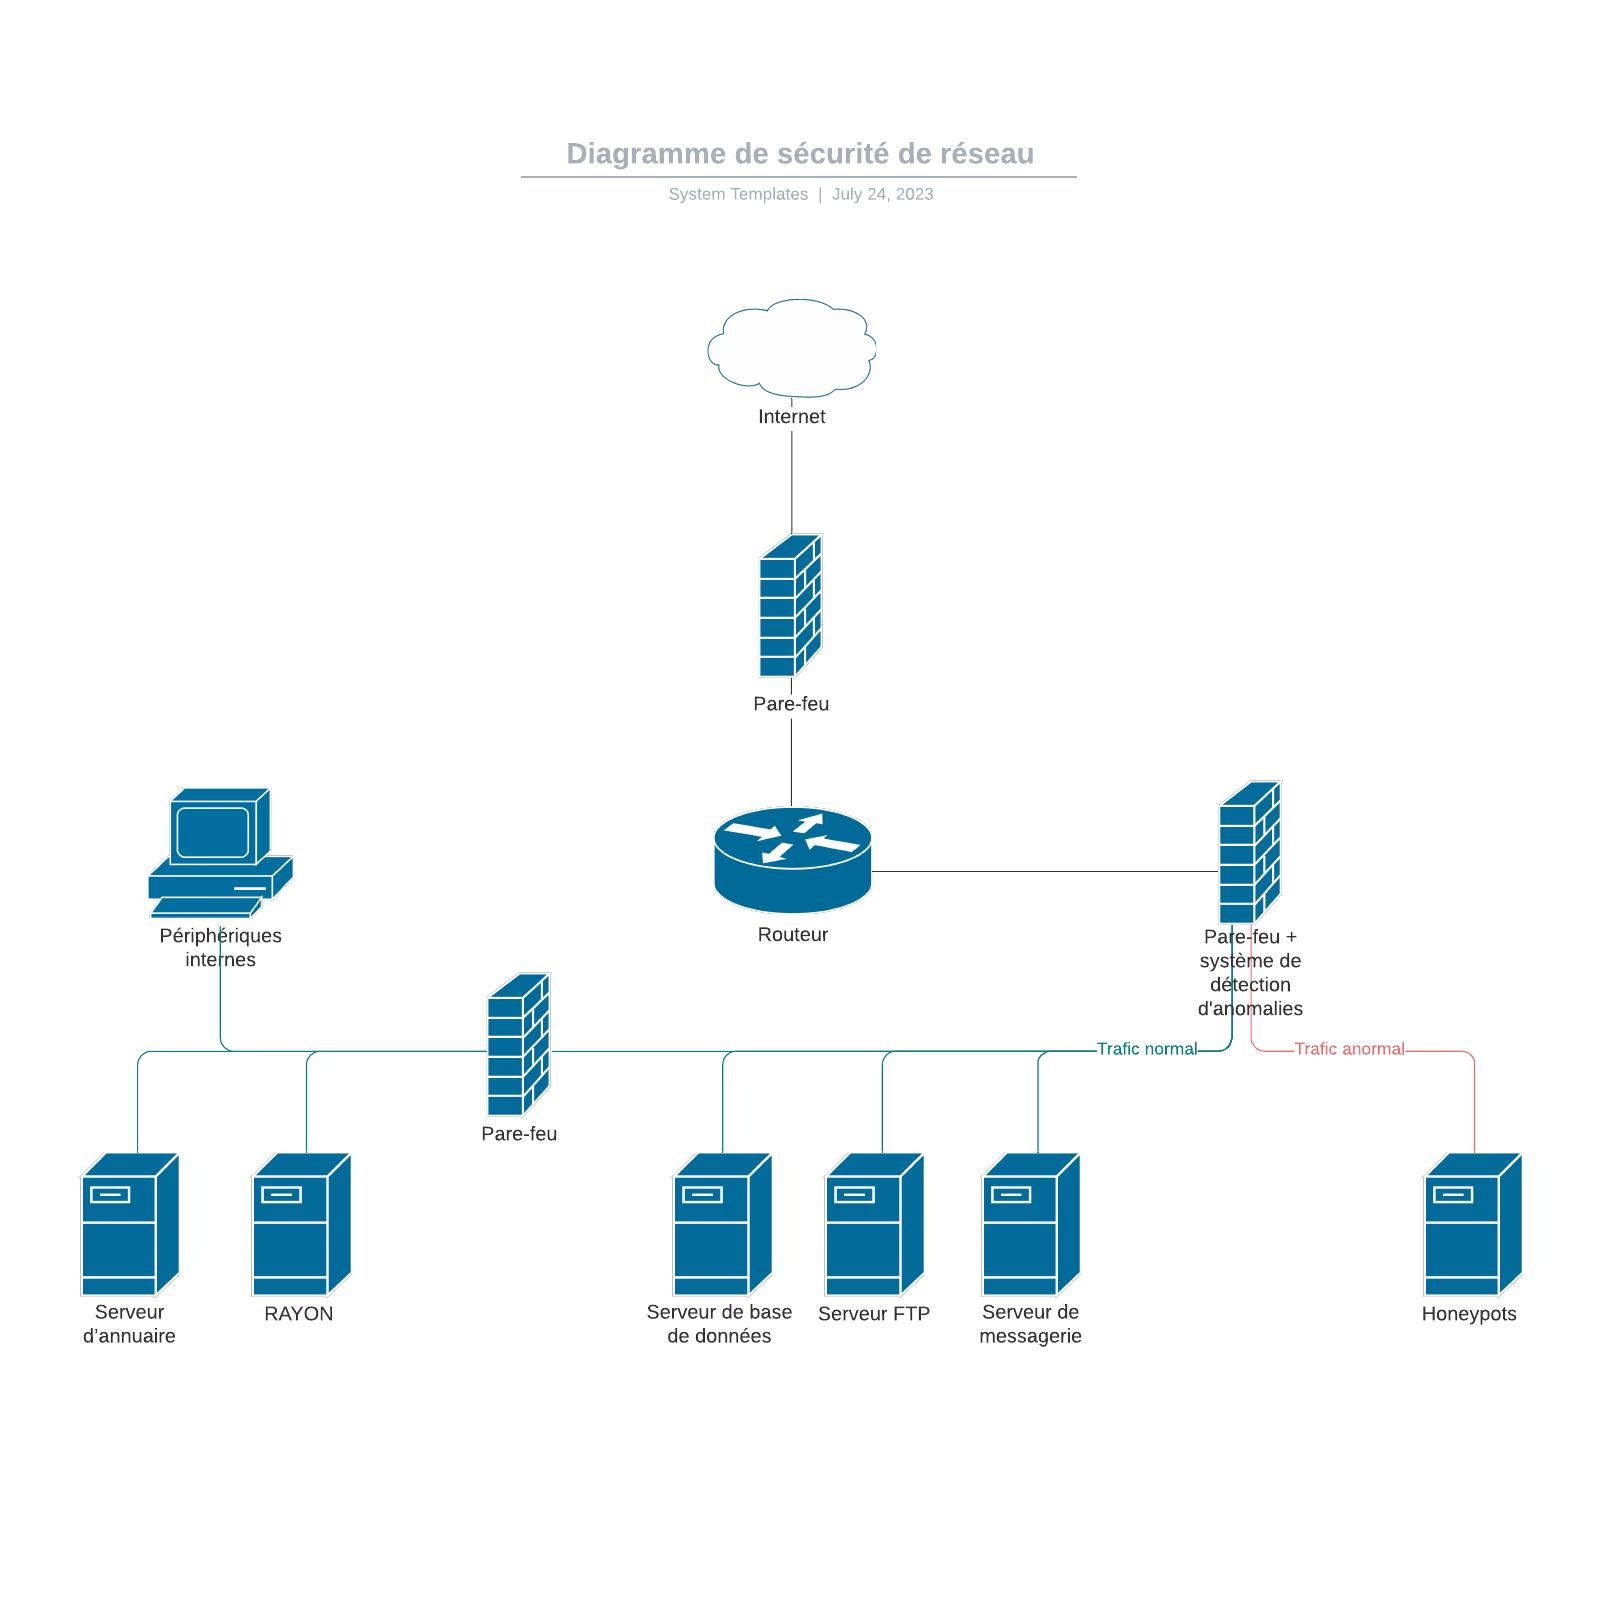 exemple de diagramme de sécurité de réseau